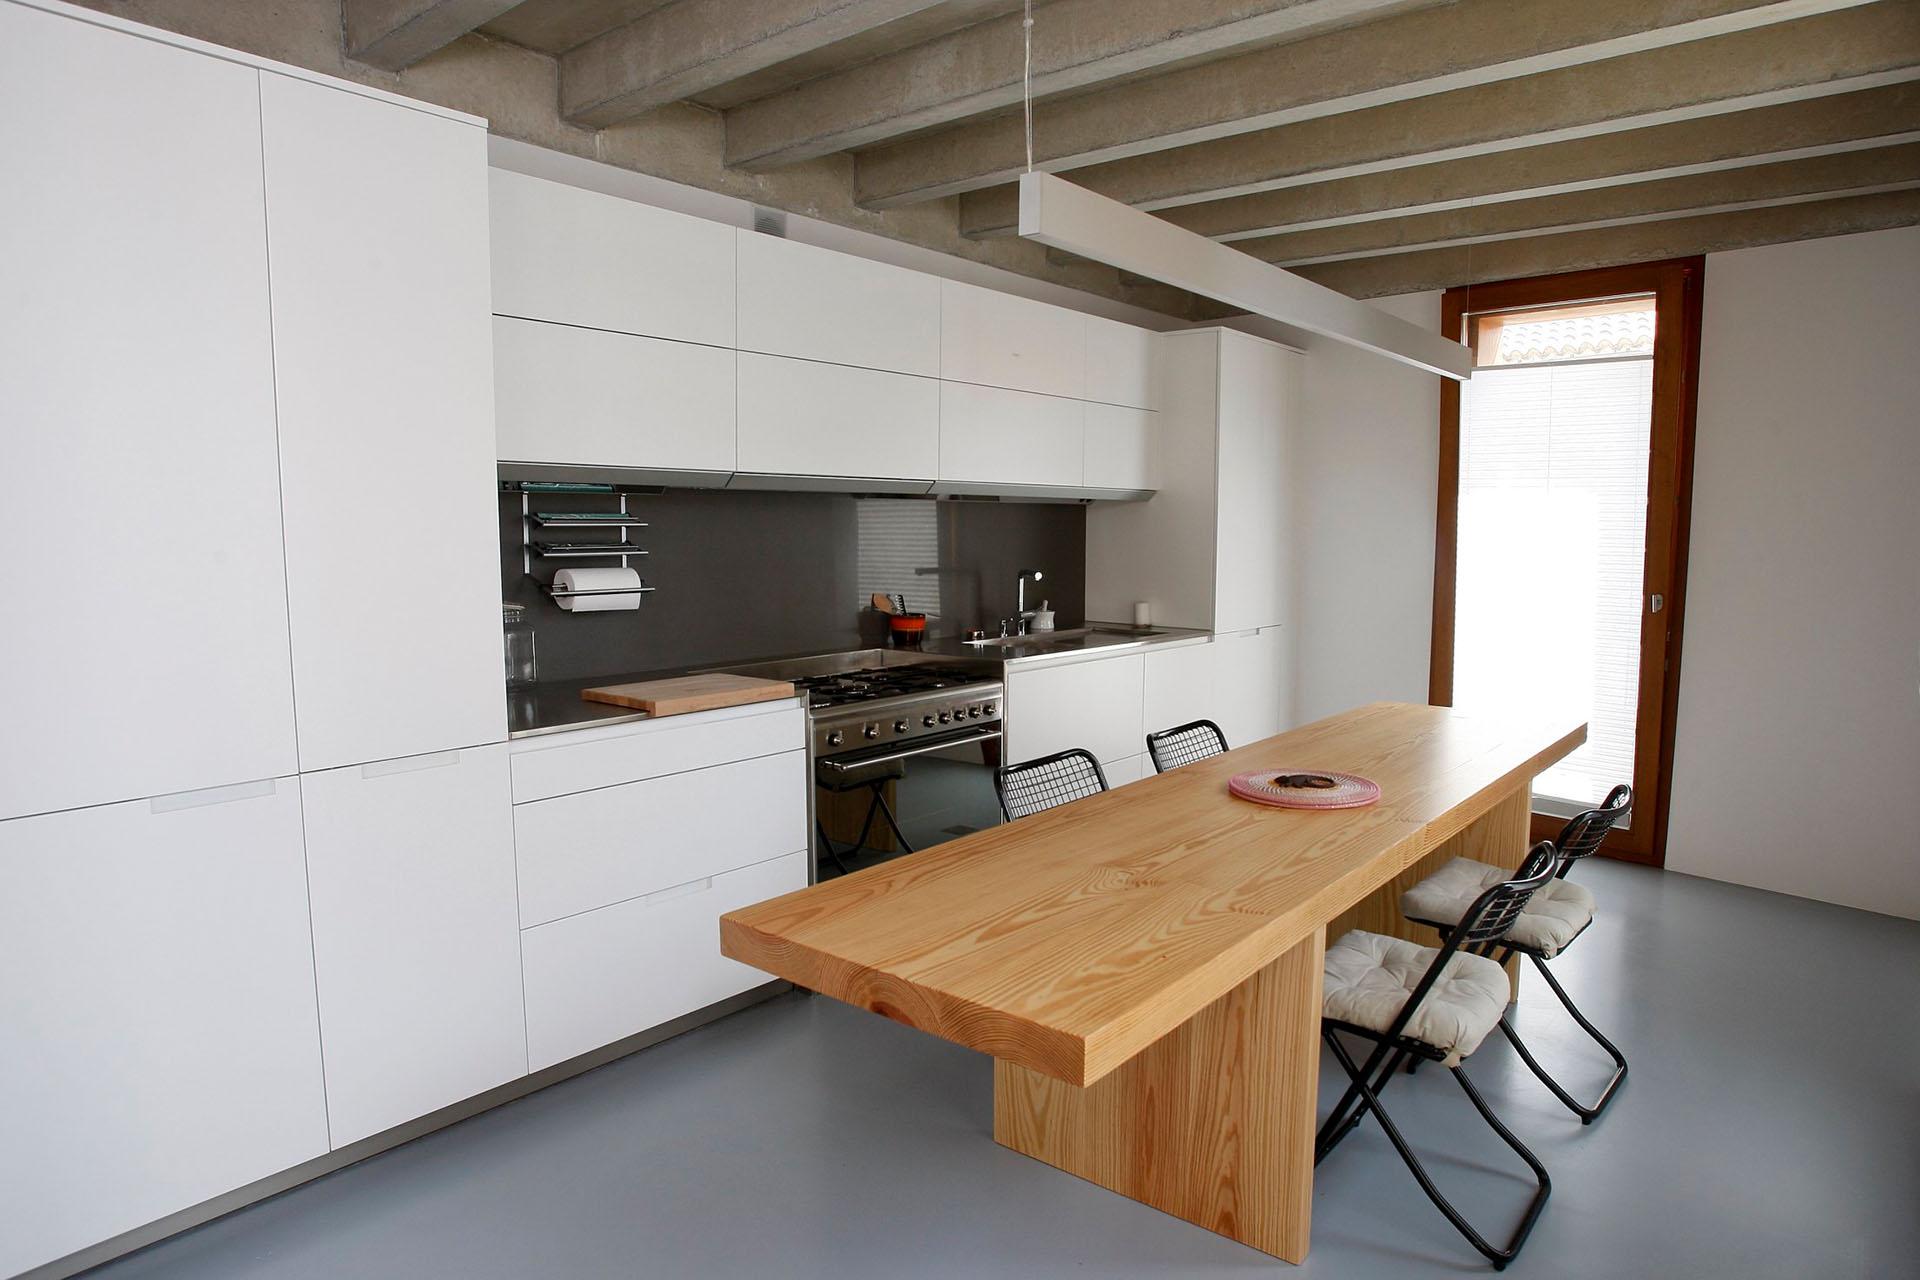 C mo dise ar cocinas peque as cocinas santos santiago interiores - Distribucion de cocina ...